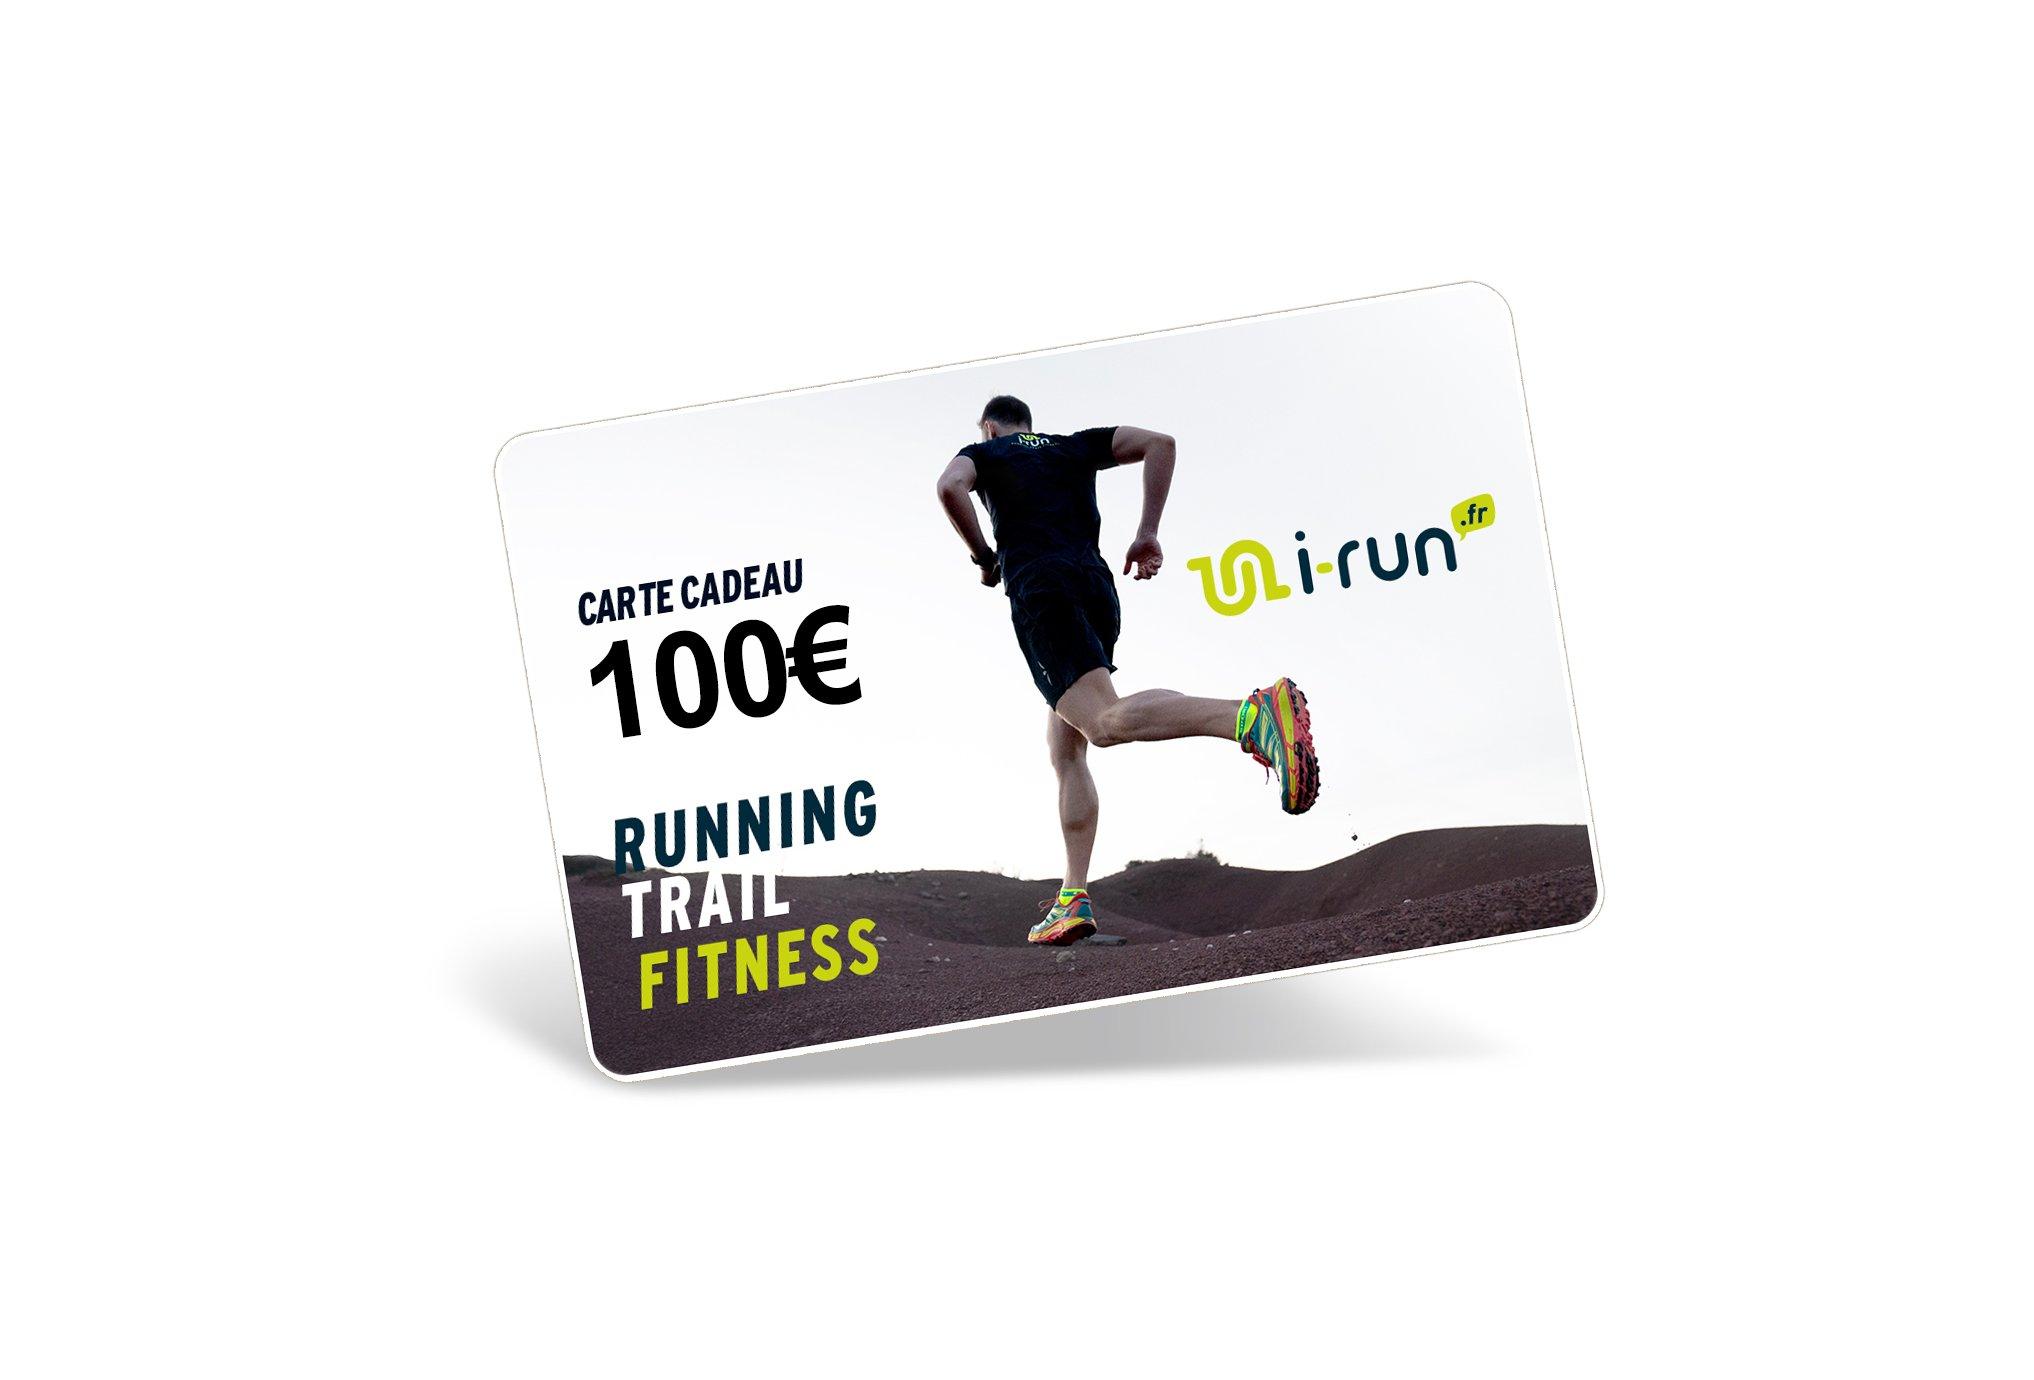 i-run.fr Carte Cadeau 100 M Cartes Cadeau